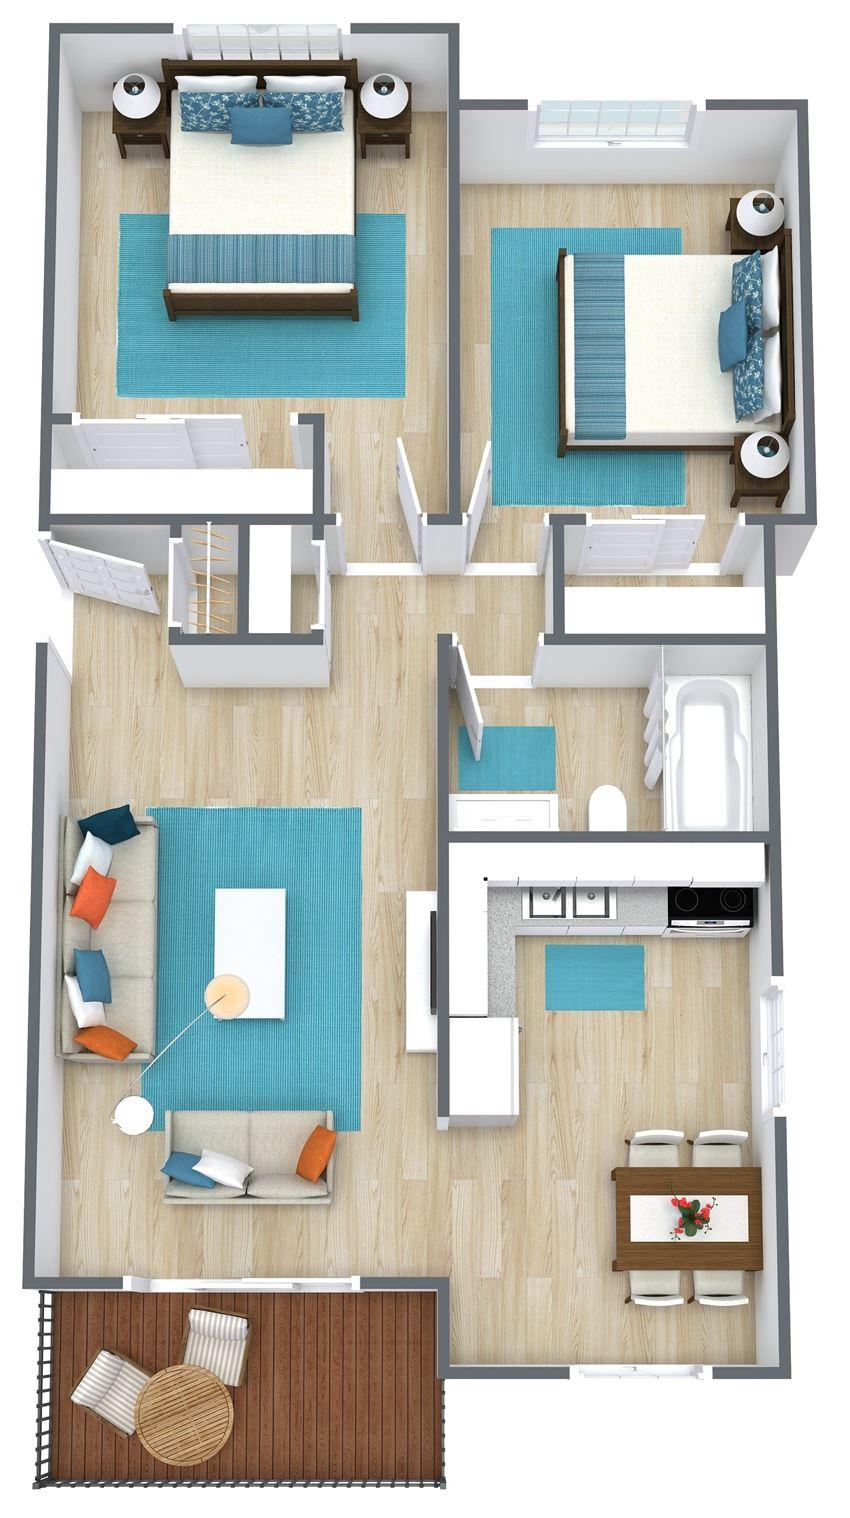 3d rendering of a two bedroom floor plan